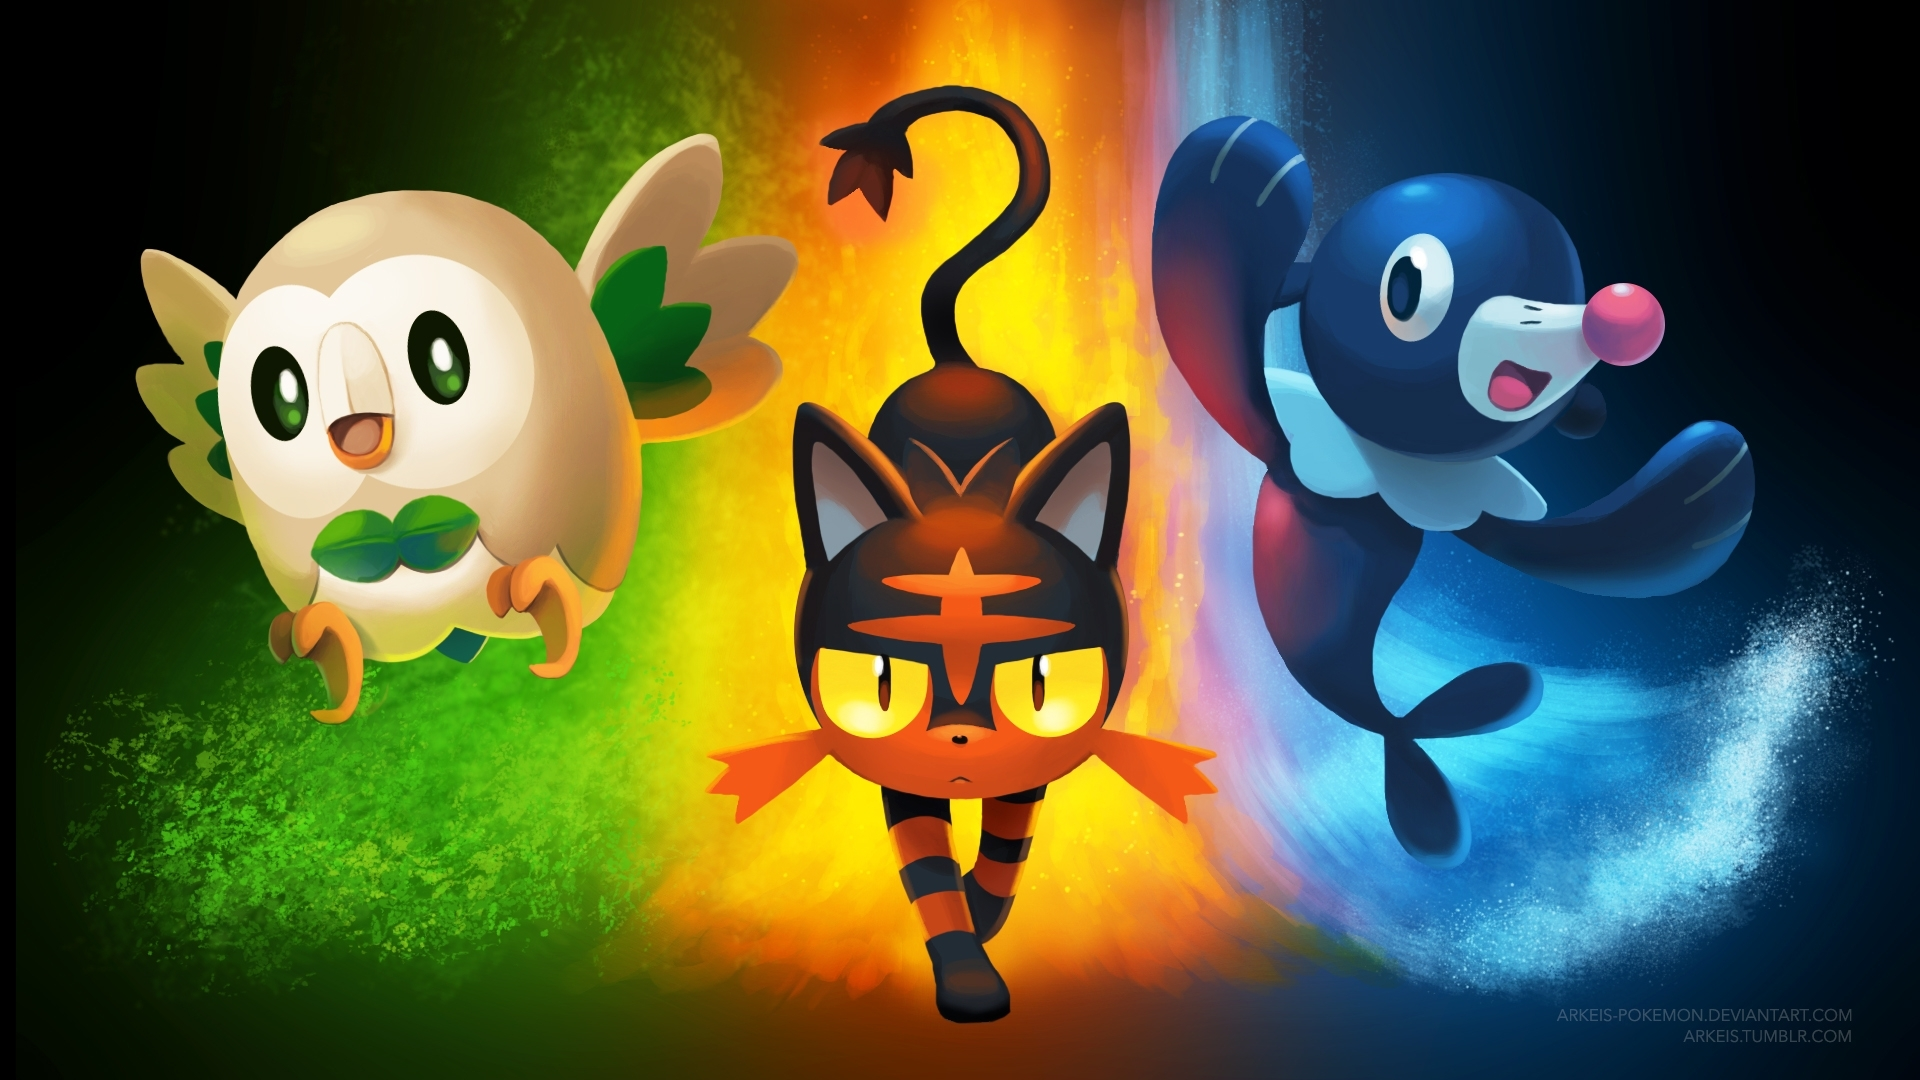 wallpaper] pokemon sun/moon startersarkeis-pokemon on deviantart